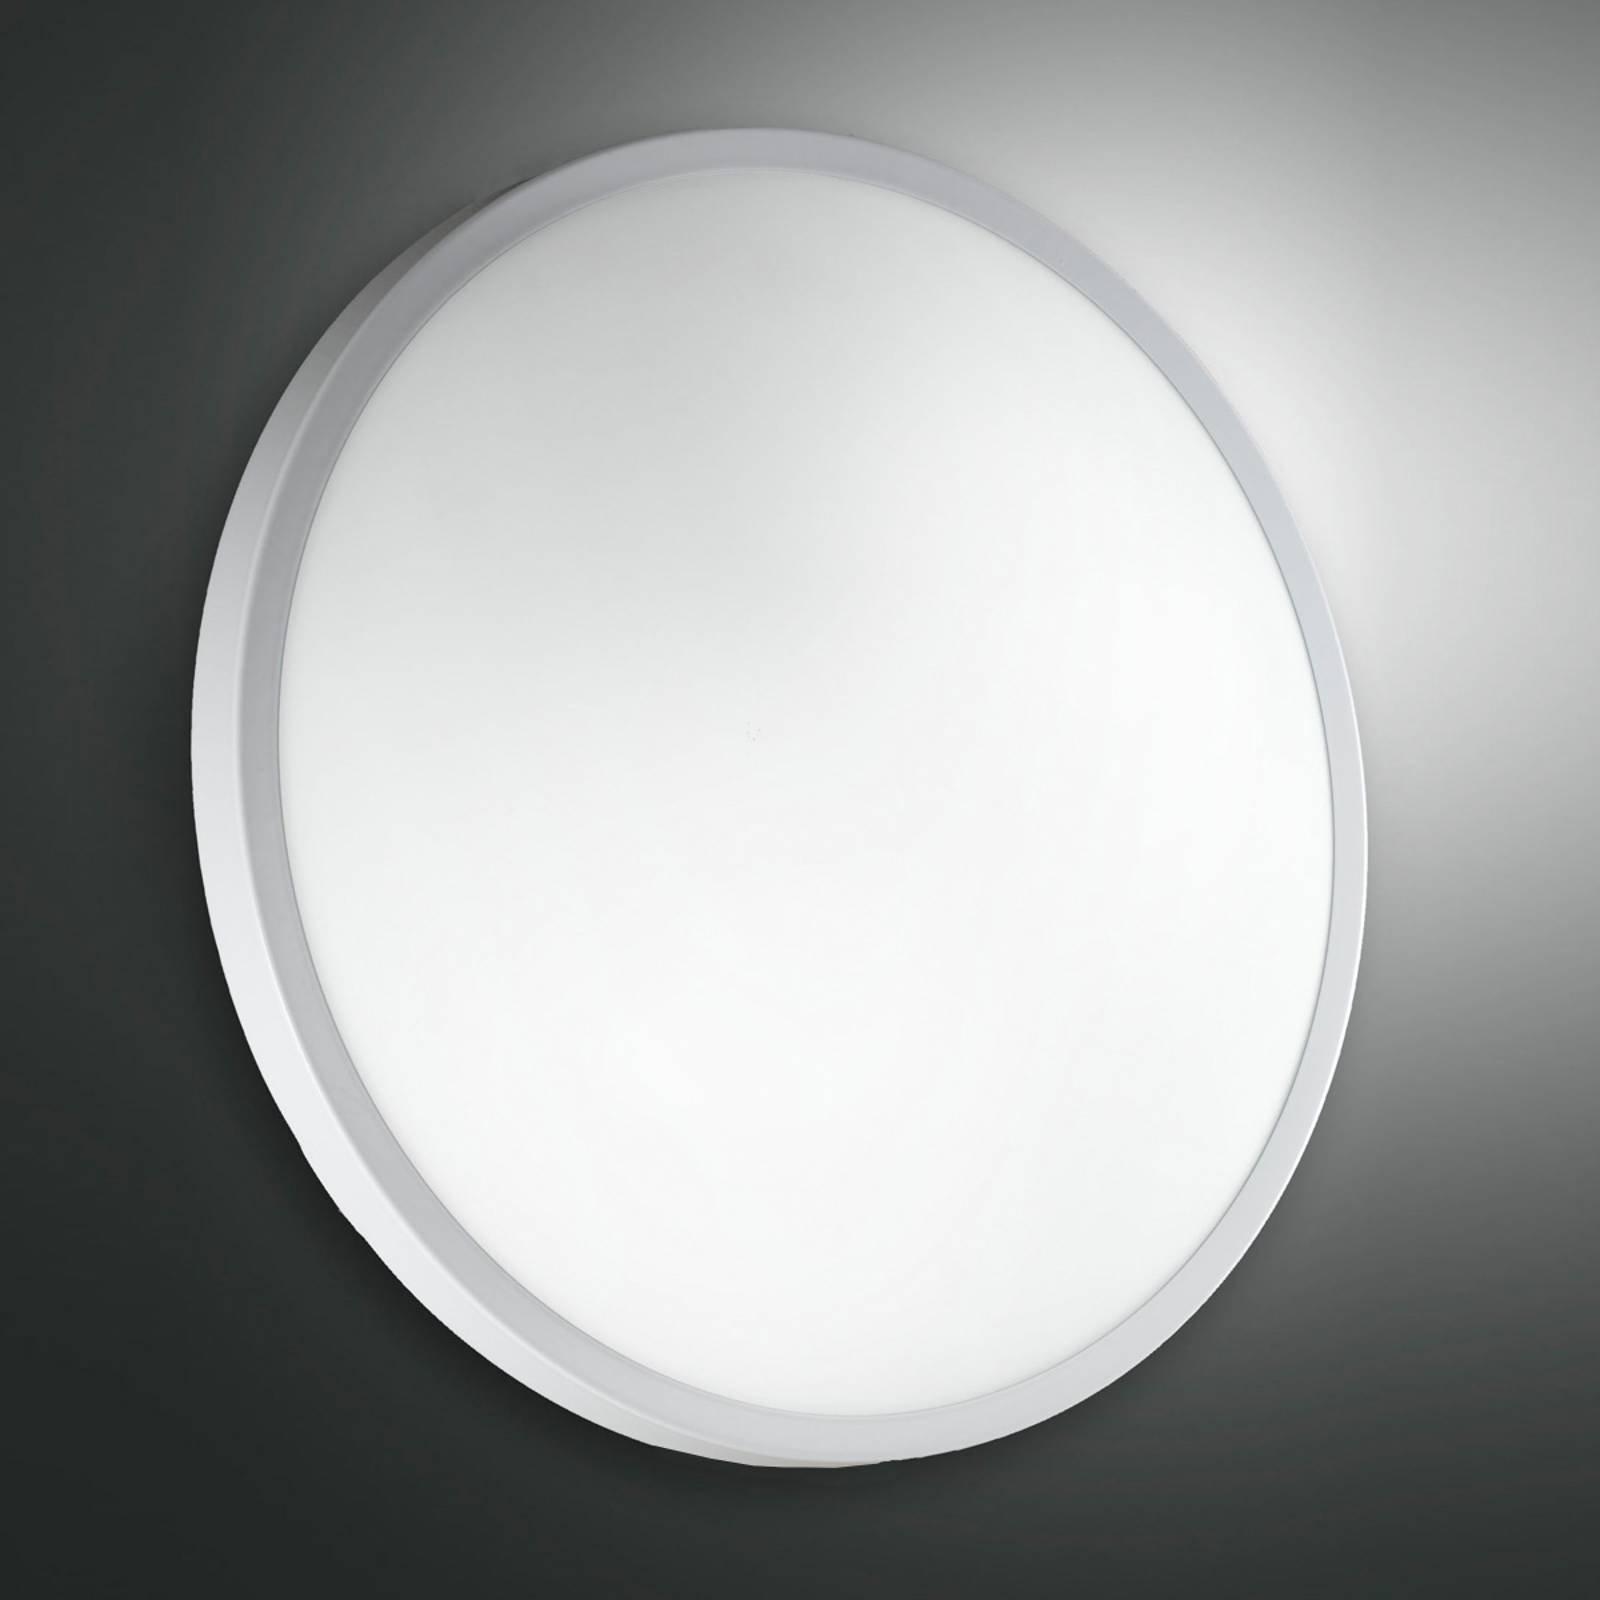 Hvit PLAZA taklampe og vegglampe i glass 41 cm